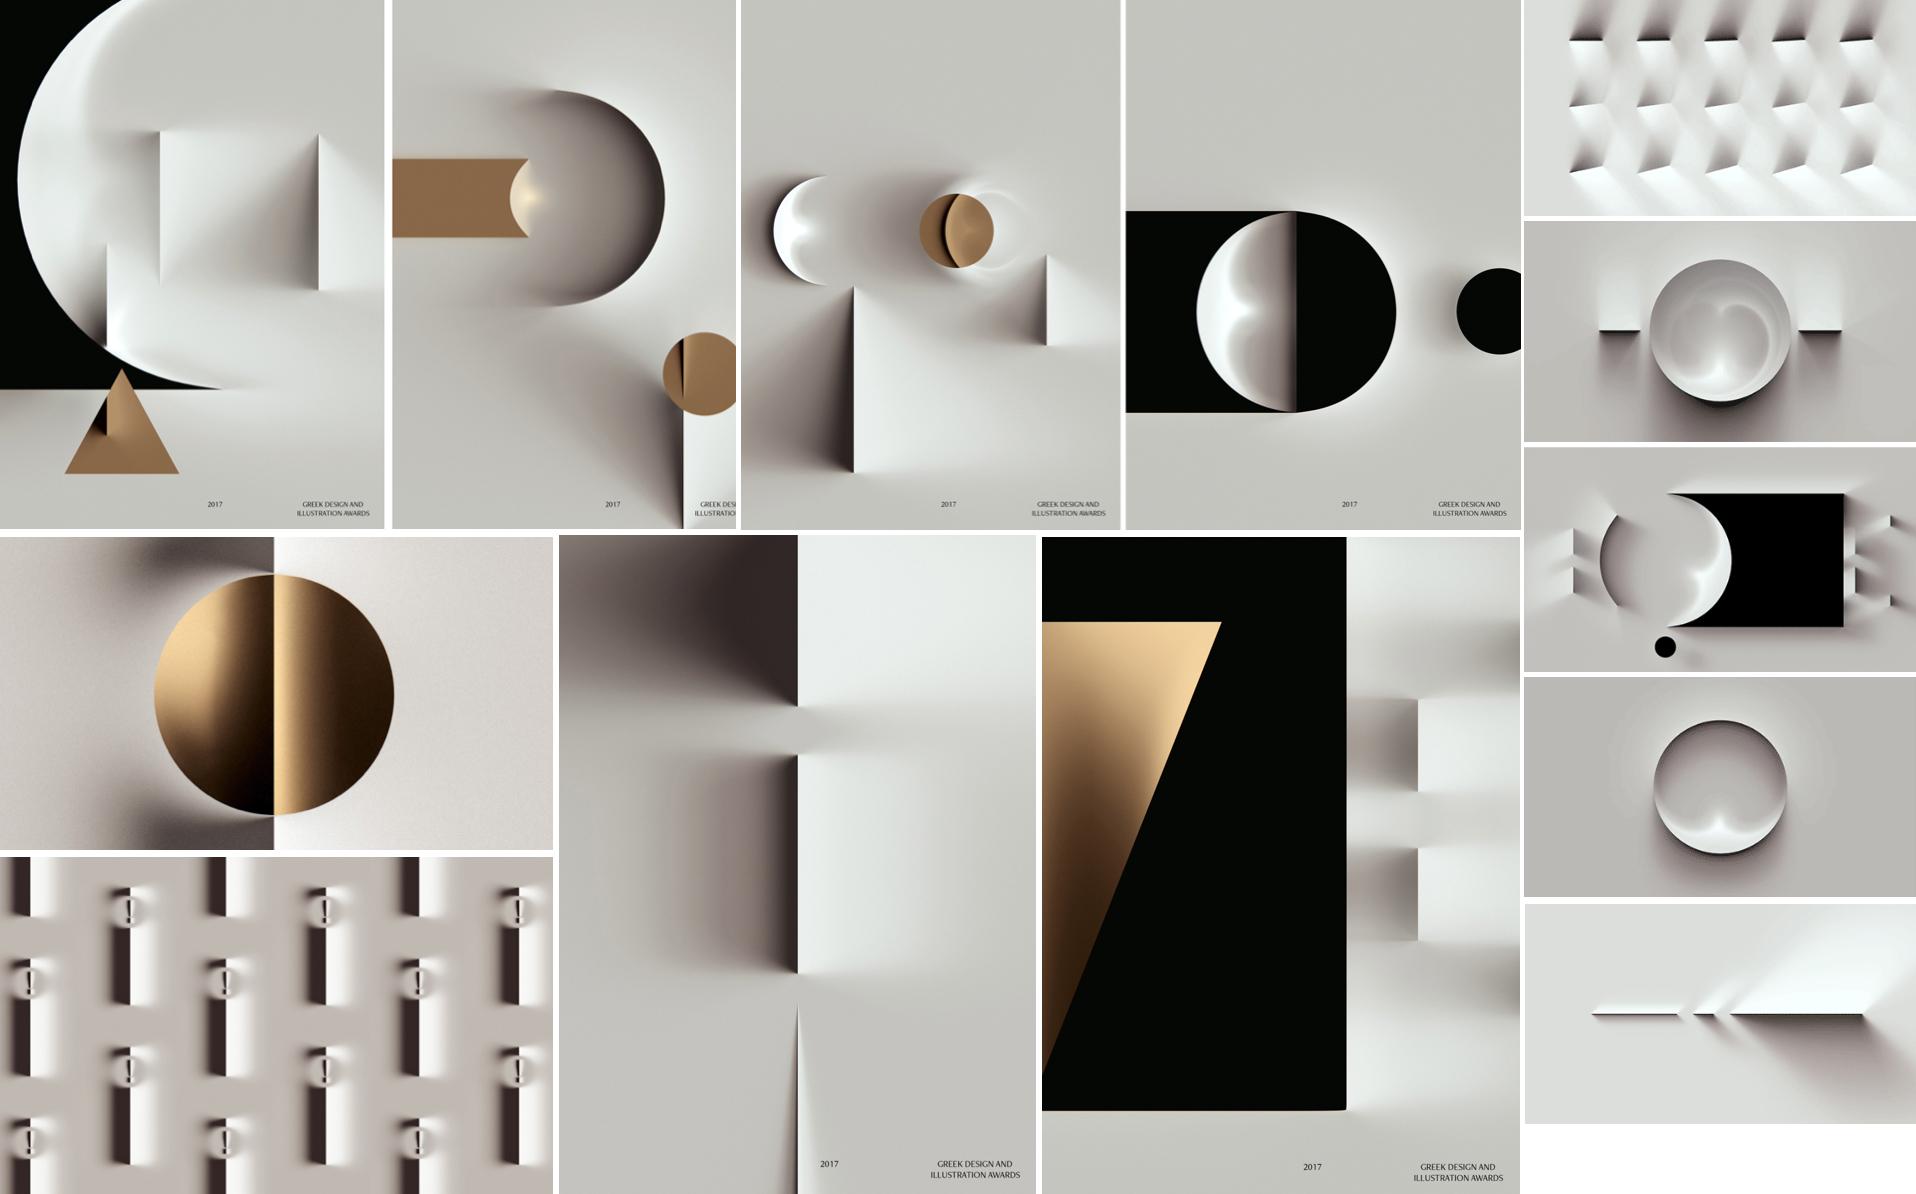 2018品牌设计趋势:三大维度,多案例研究解析品牌设计